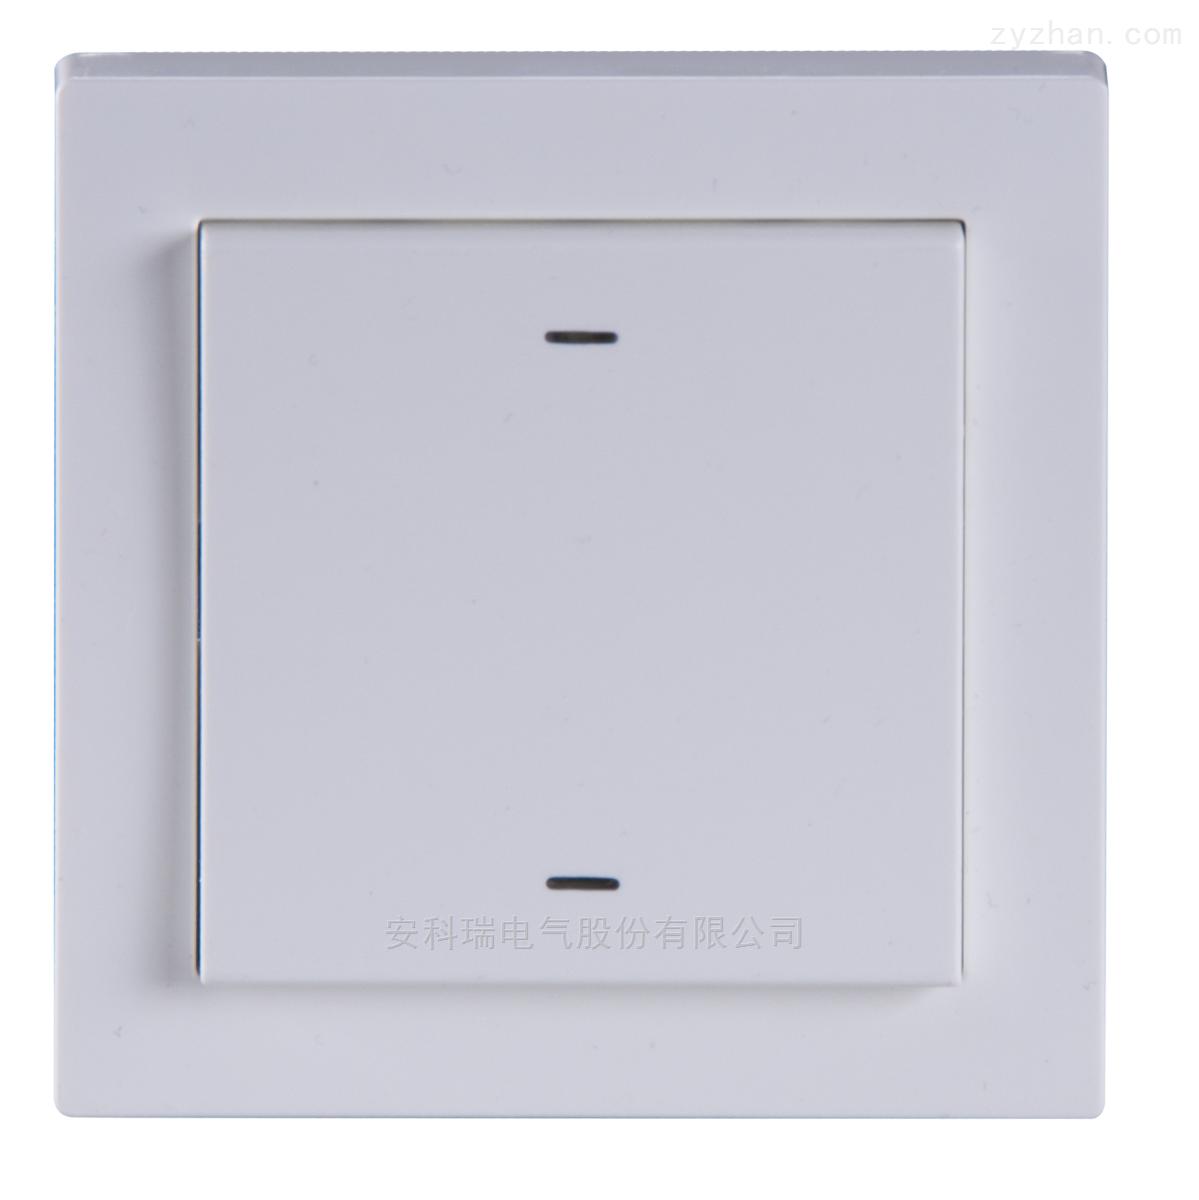 ASL100-F1/2-安科瑞智能照明1联2键智能面板